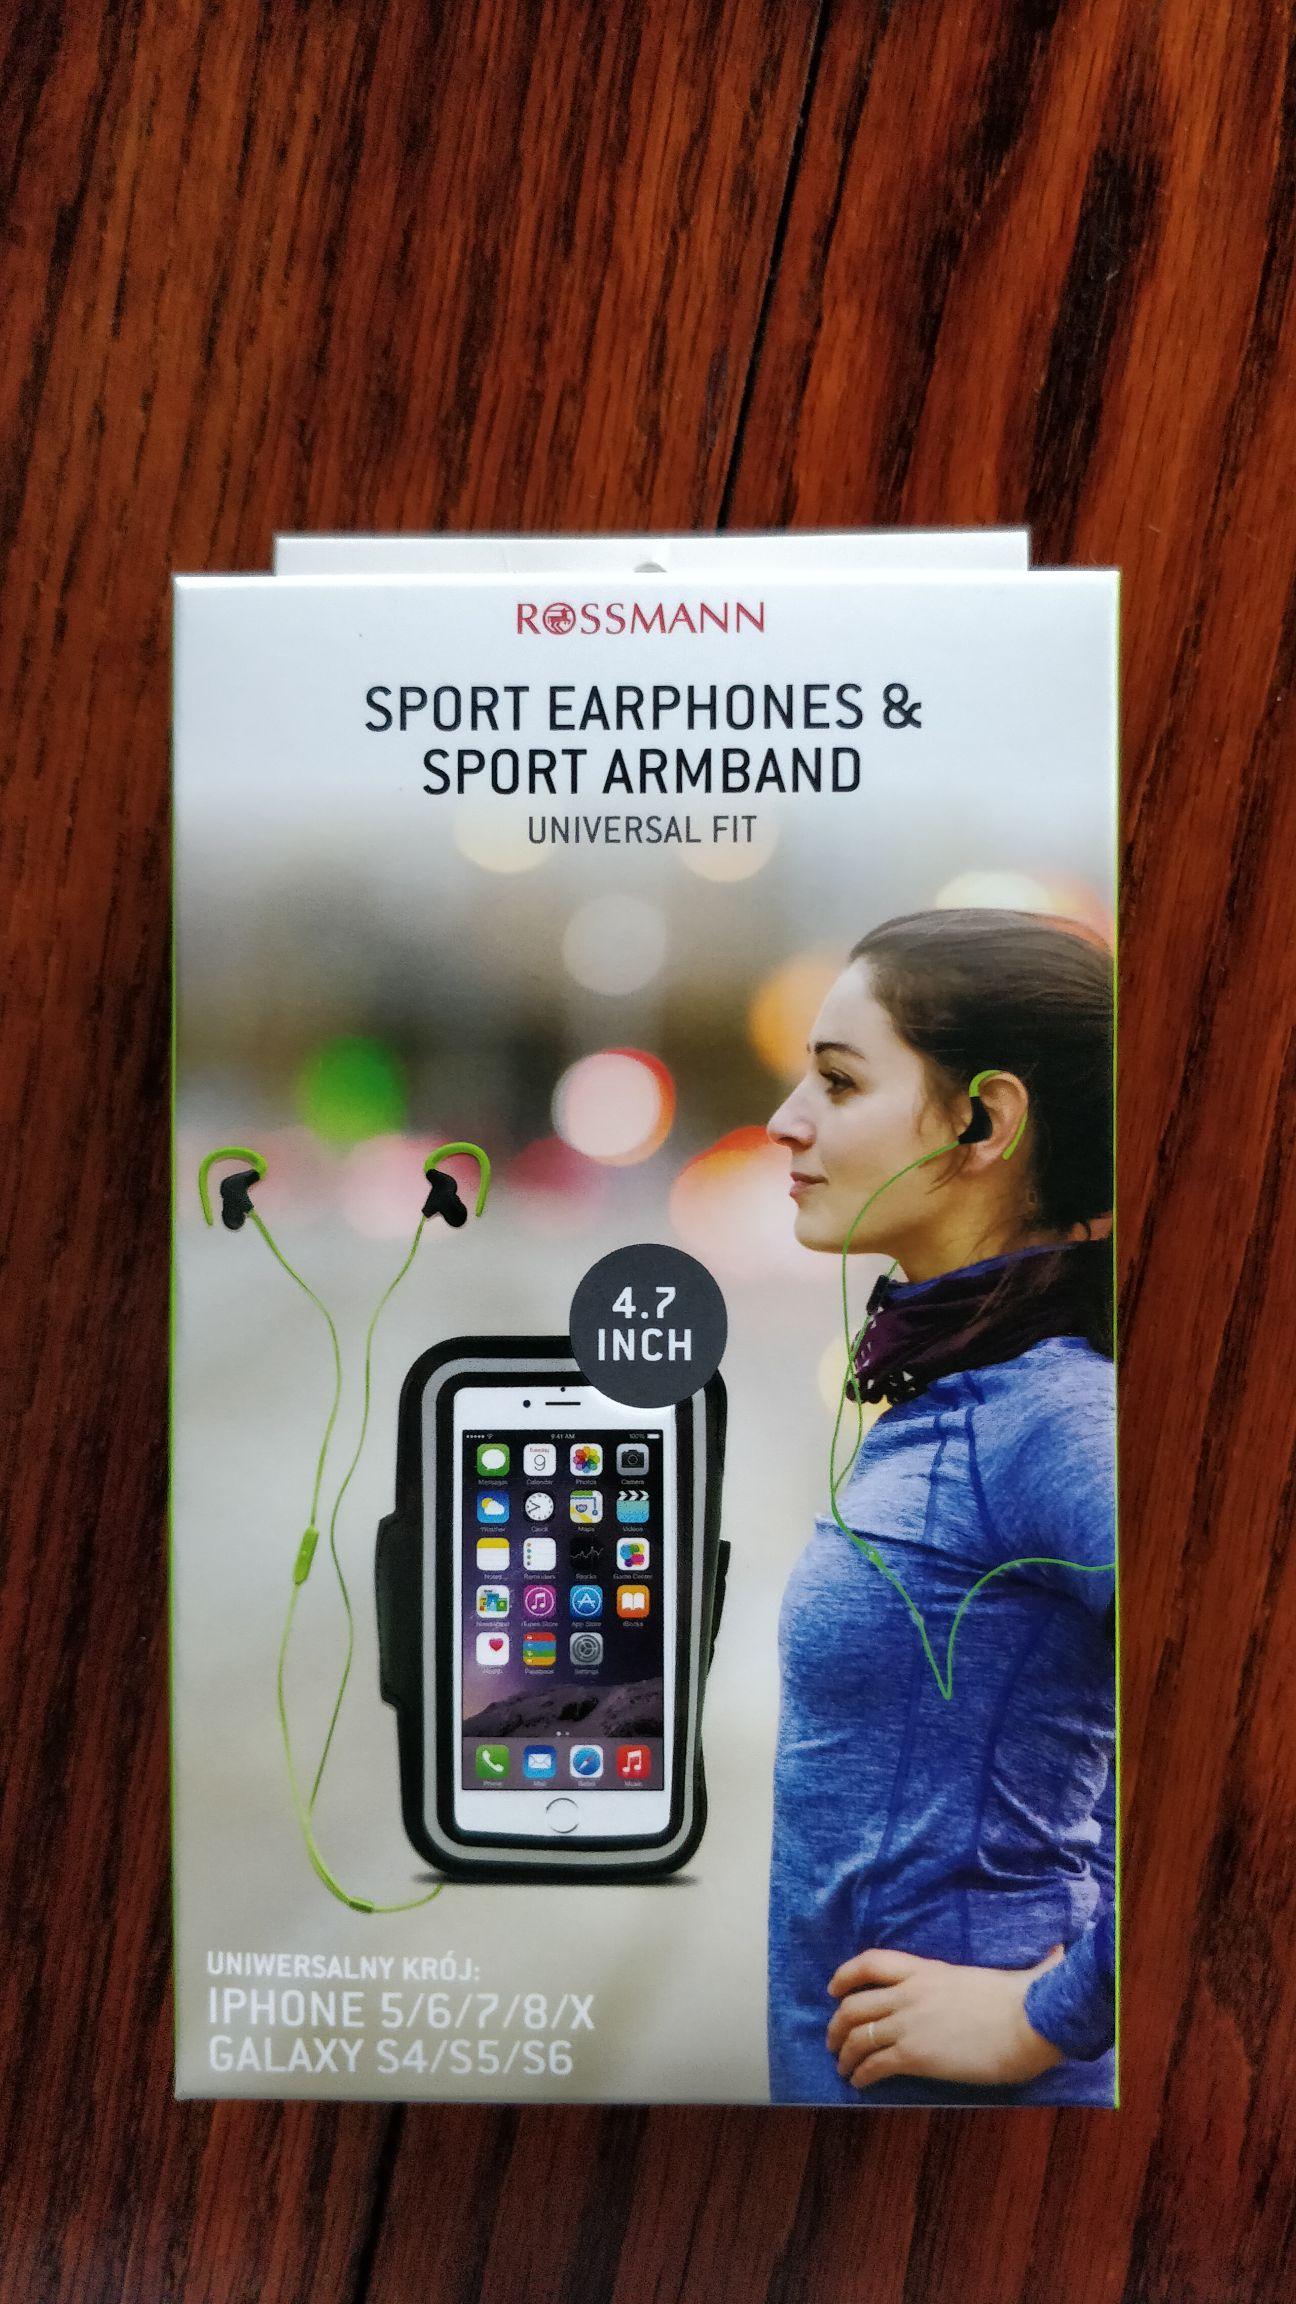 Słuchawki + opaska na ramię dla iPhone 5/6/7/8/X I SGS 4/5/6